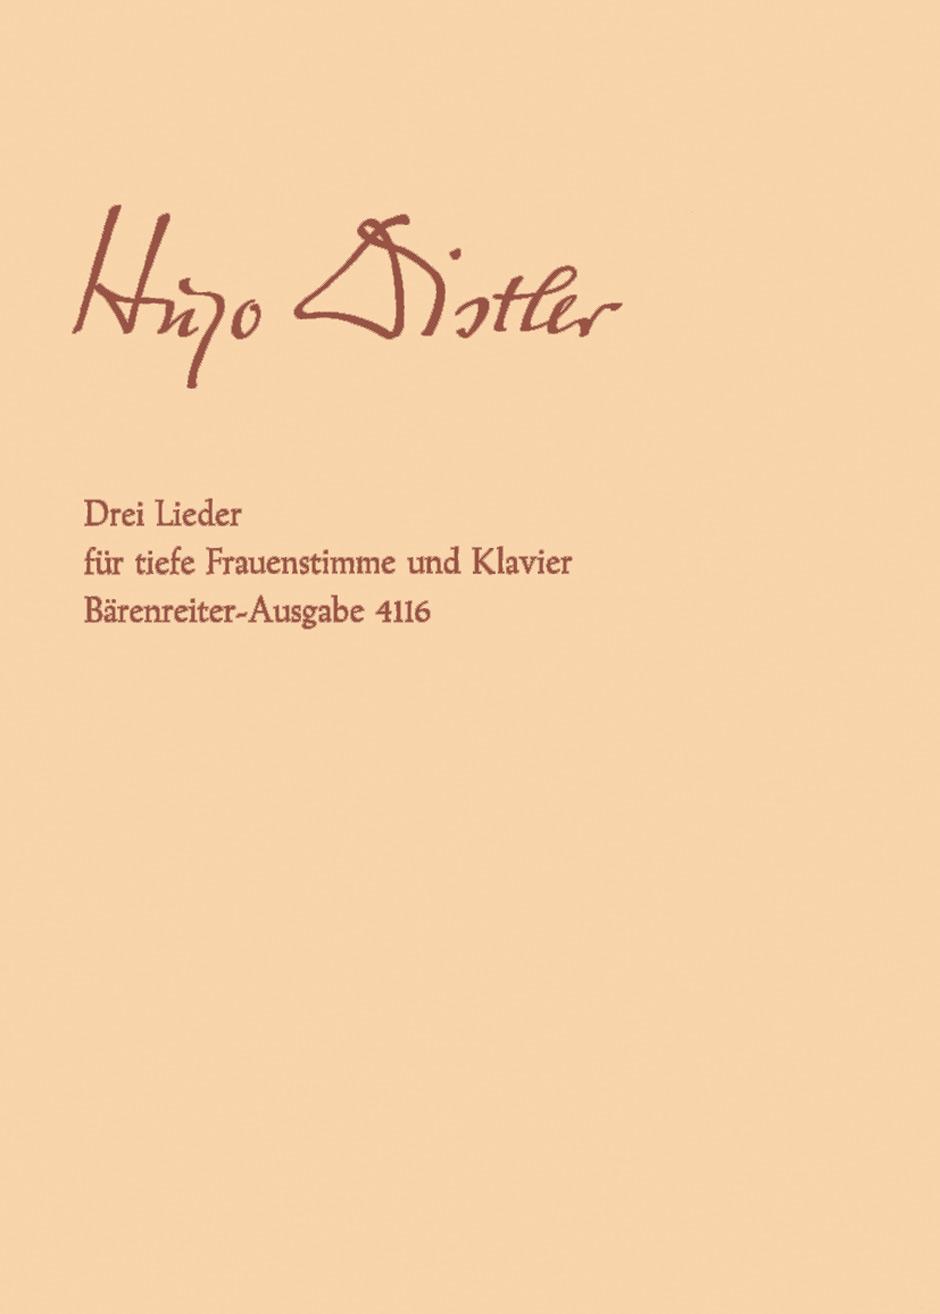 Drei Lieder nach Gedichten von Paul Brockhaus, Op. post.